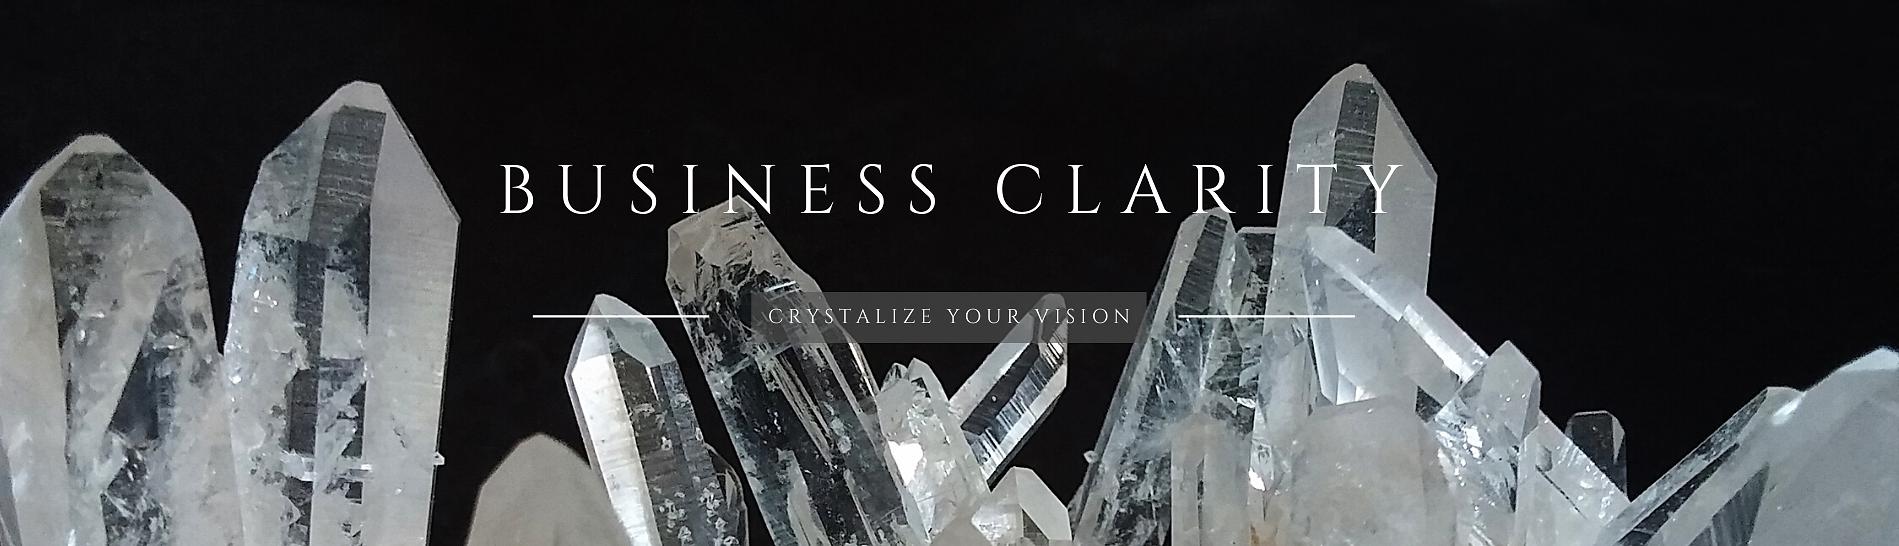 businessclaritywebsite.png